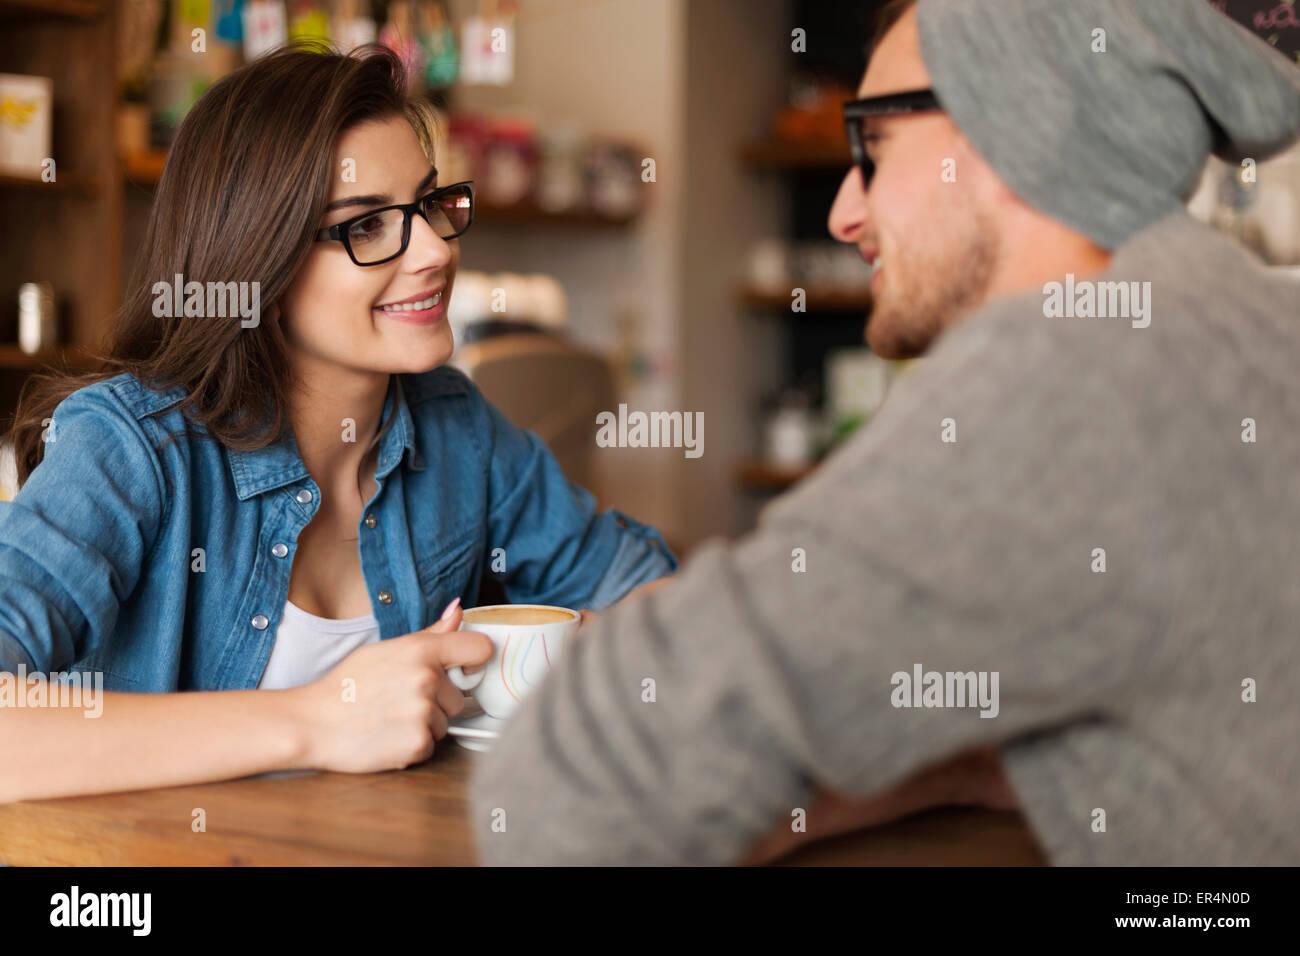 Riunione della coppia felice al cafe. Cracovia in Polonia Immagini Stock